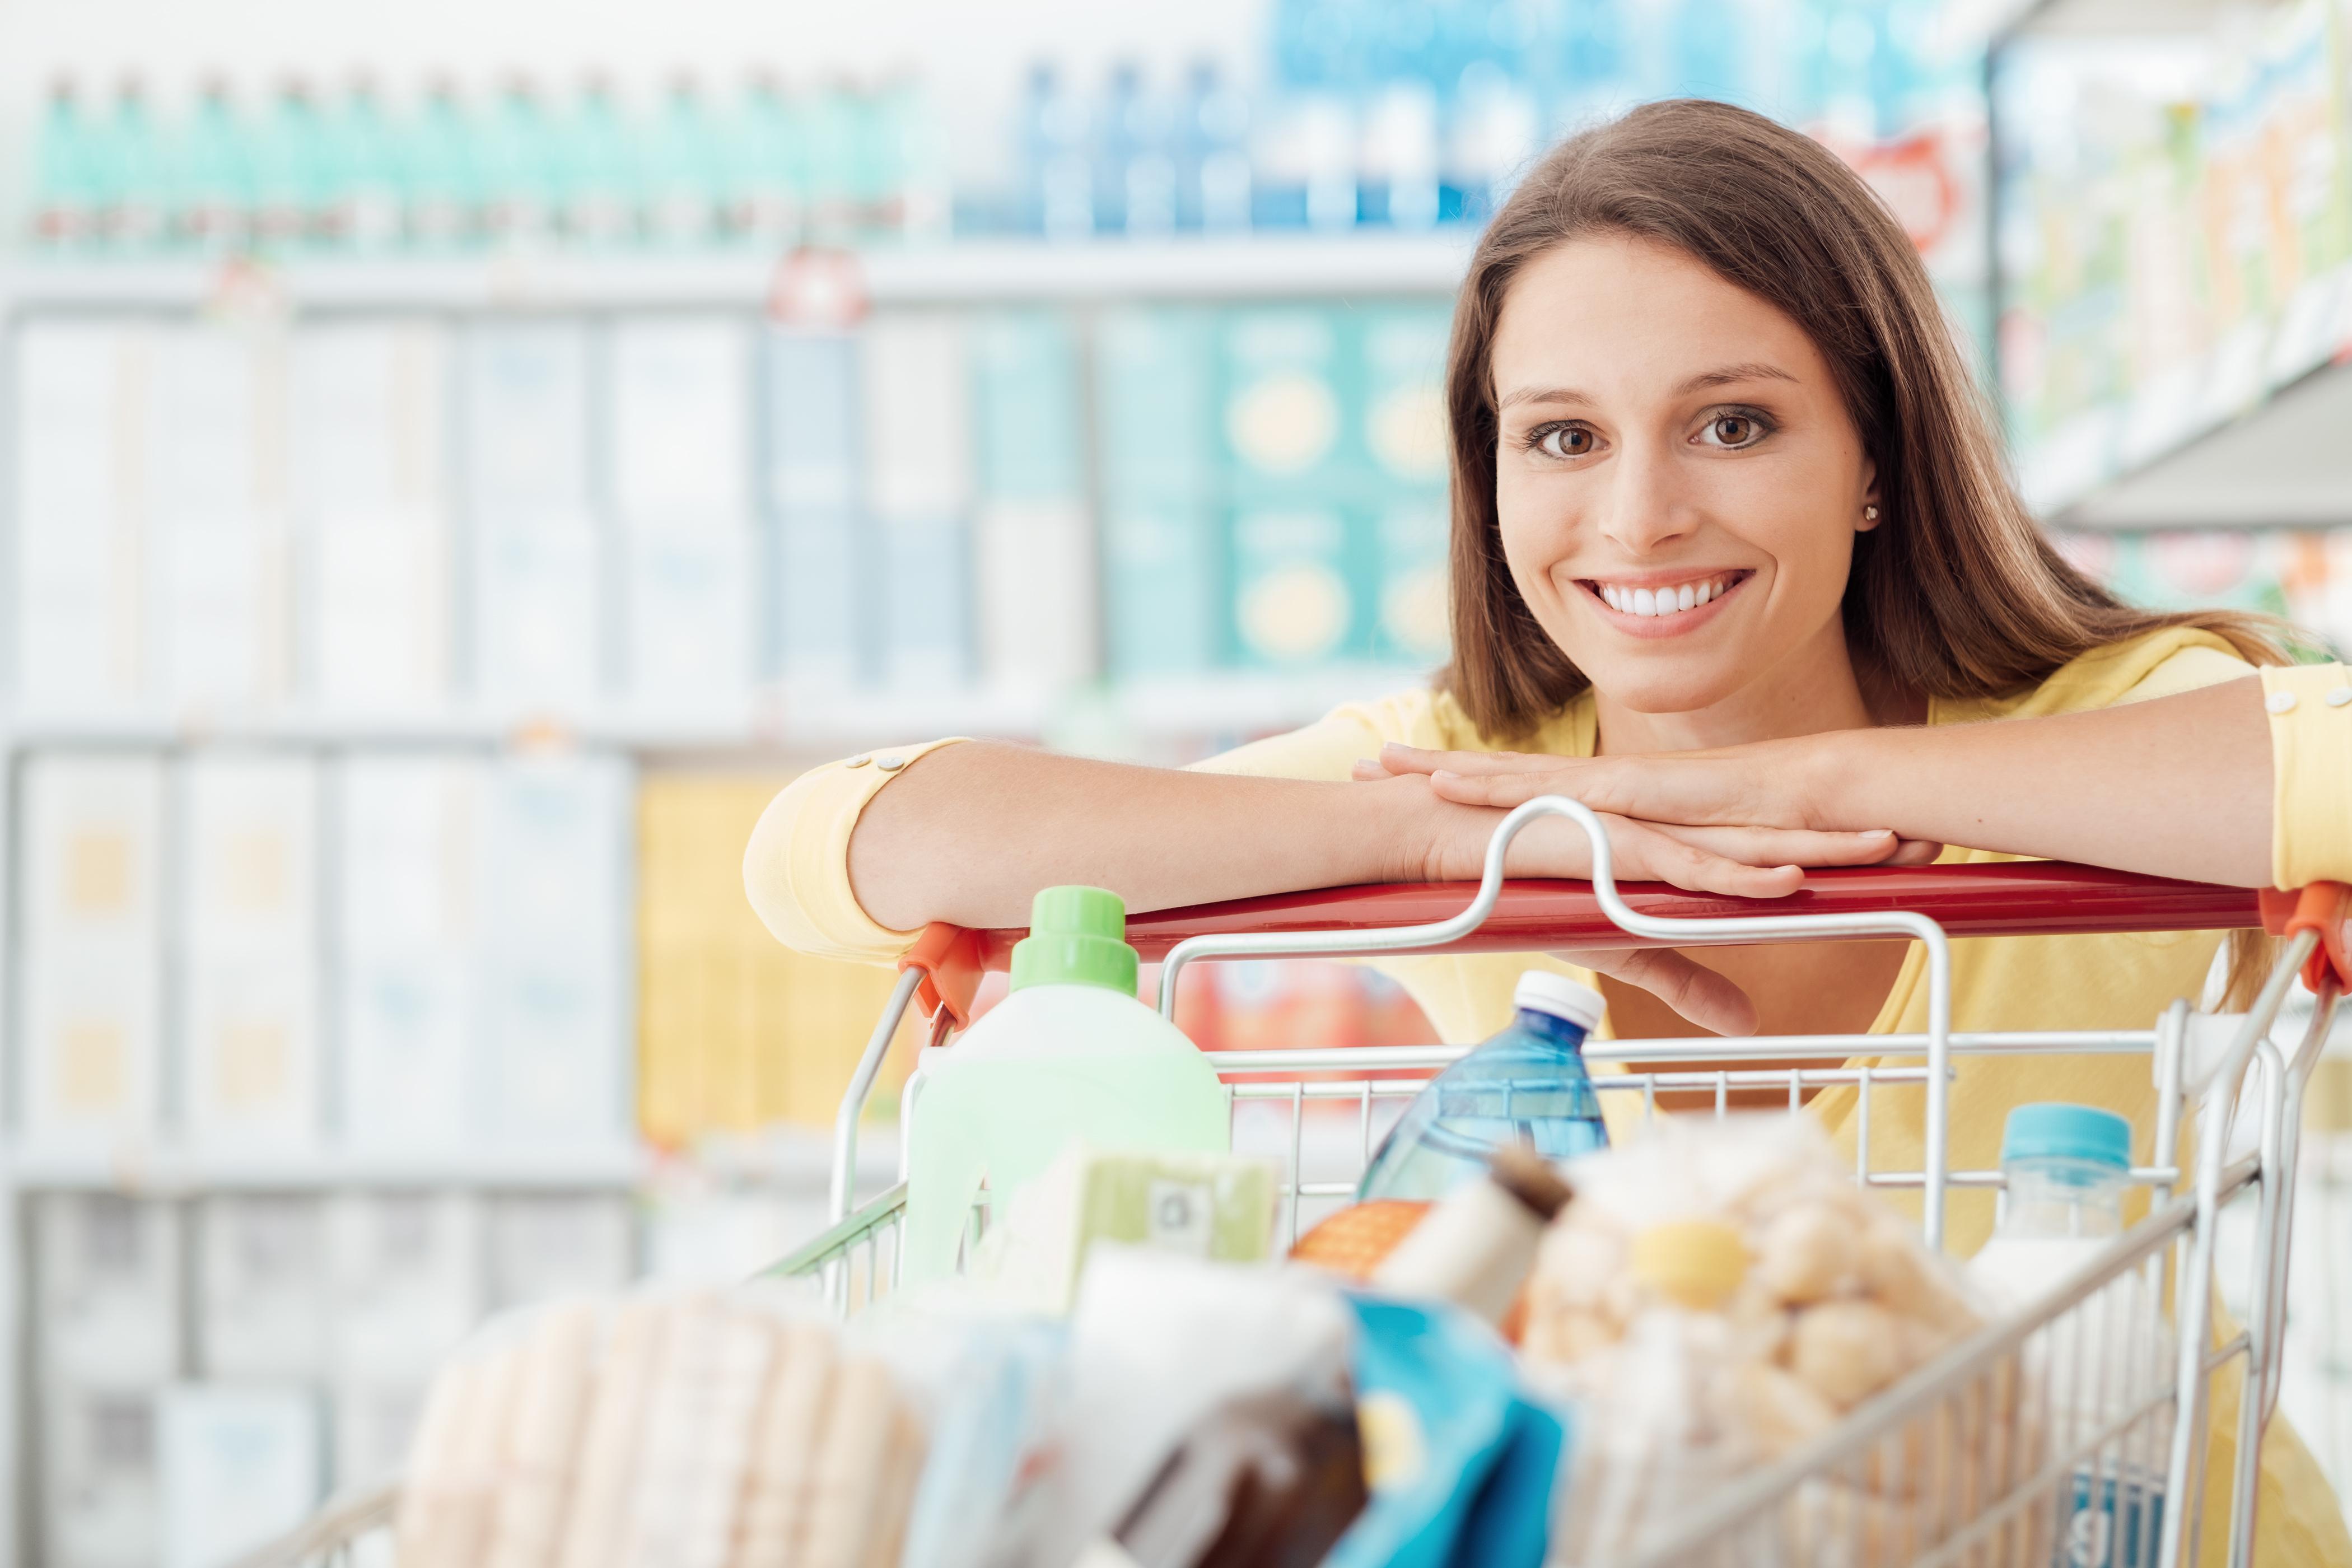 Le frasi in inglese fondamentali da utilizzare al supermercato